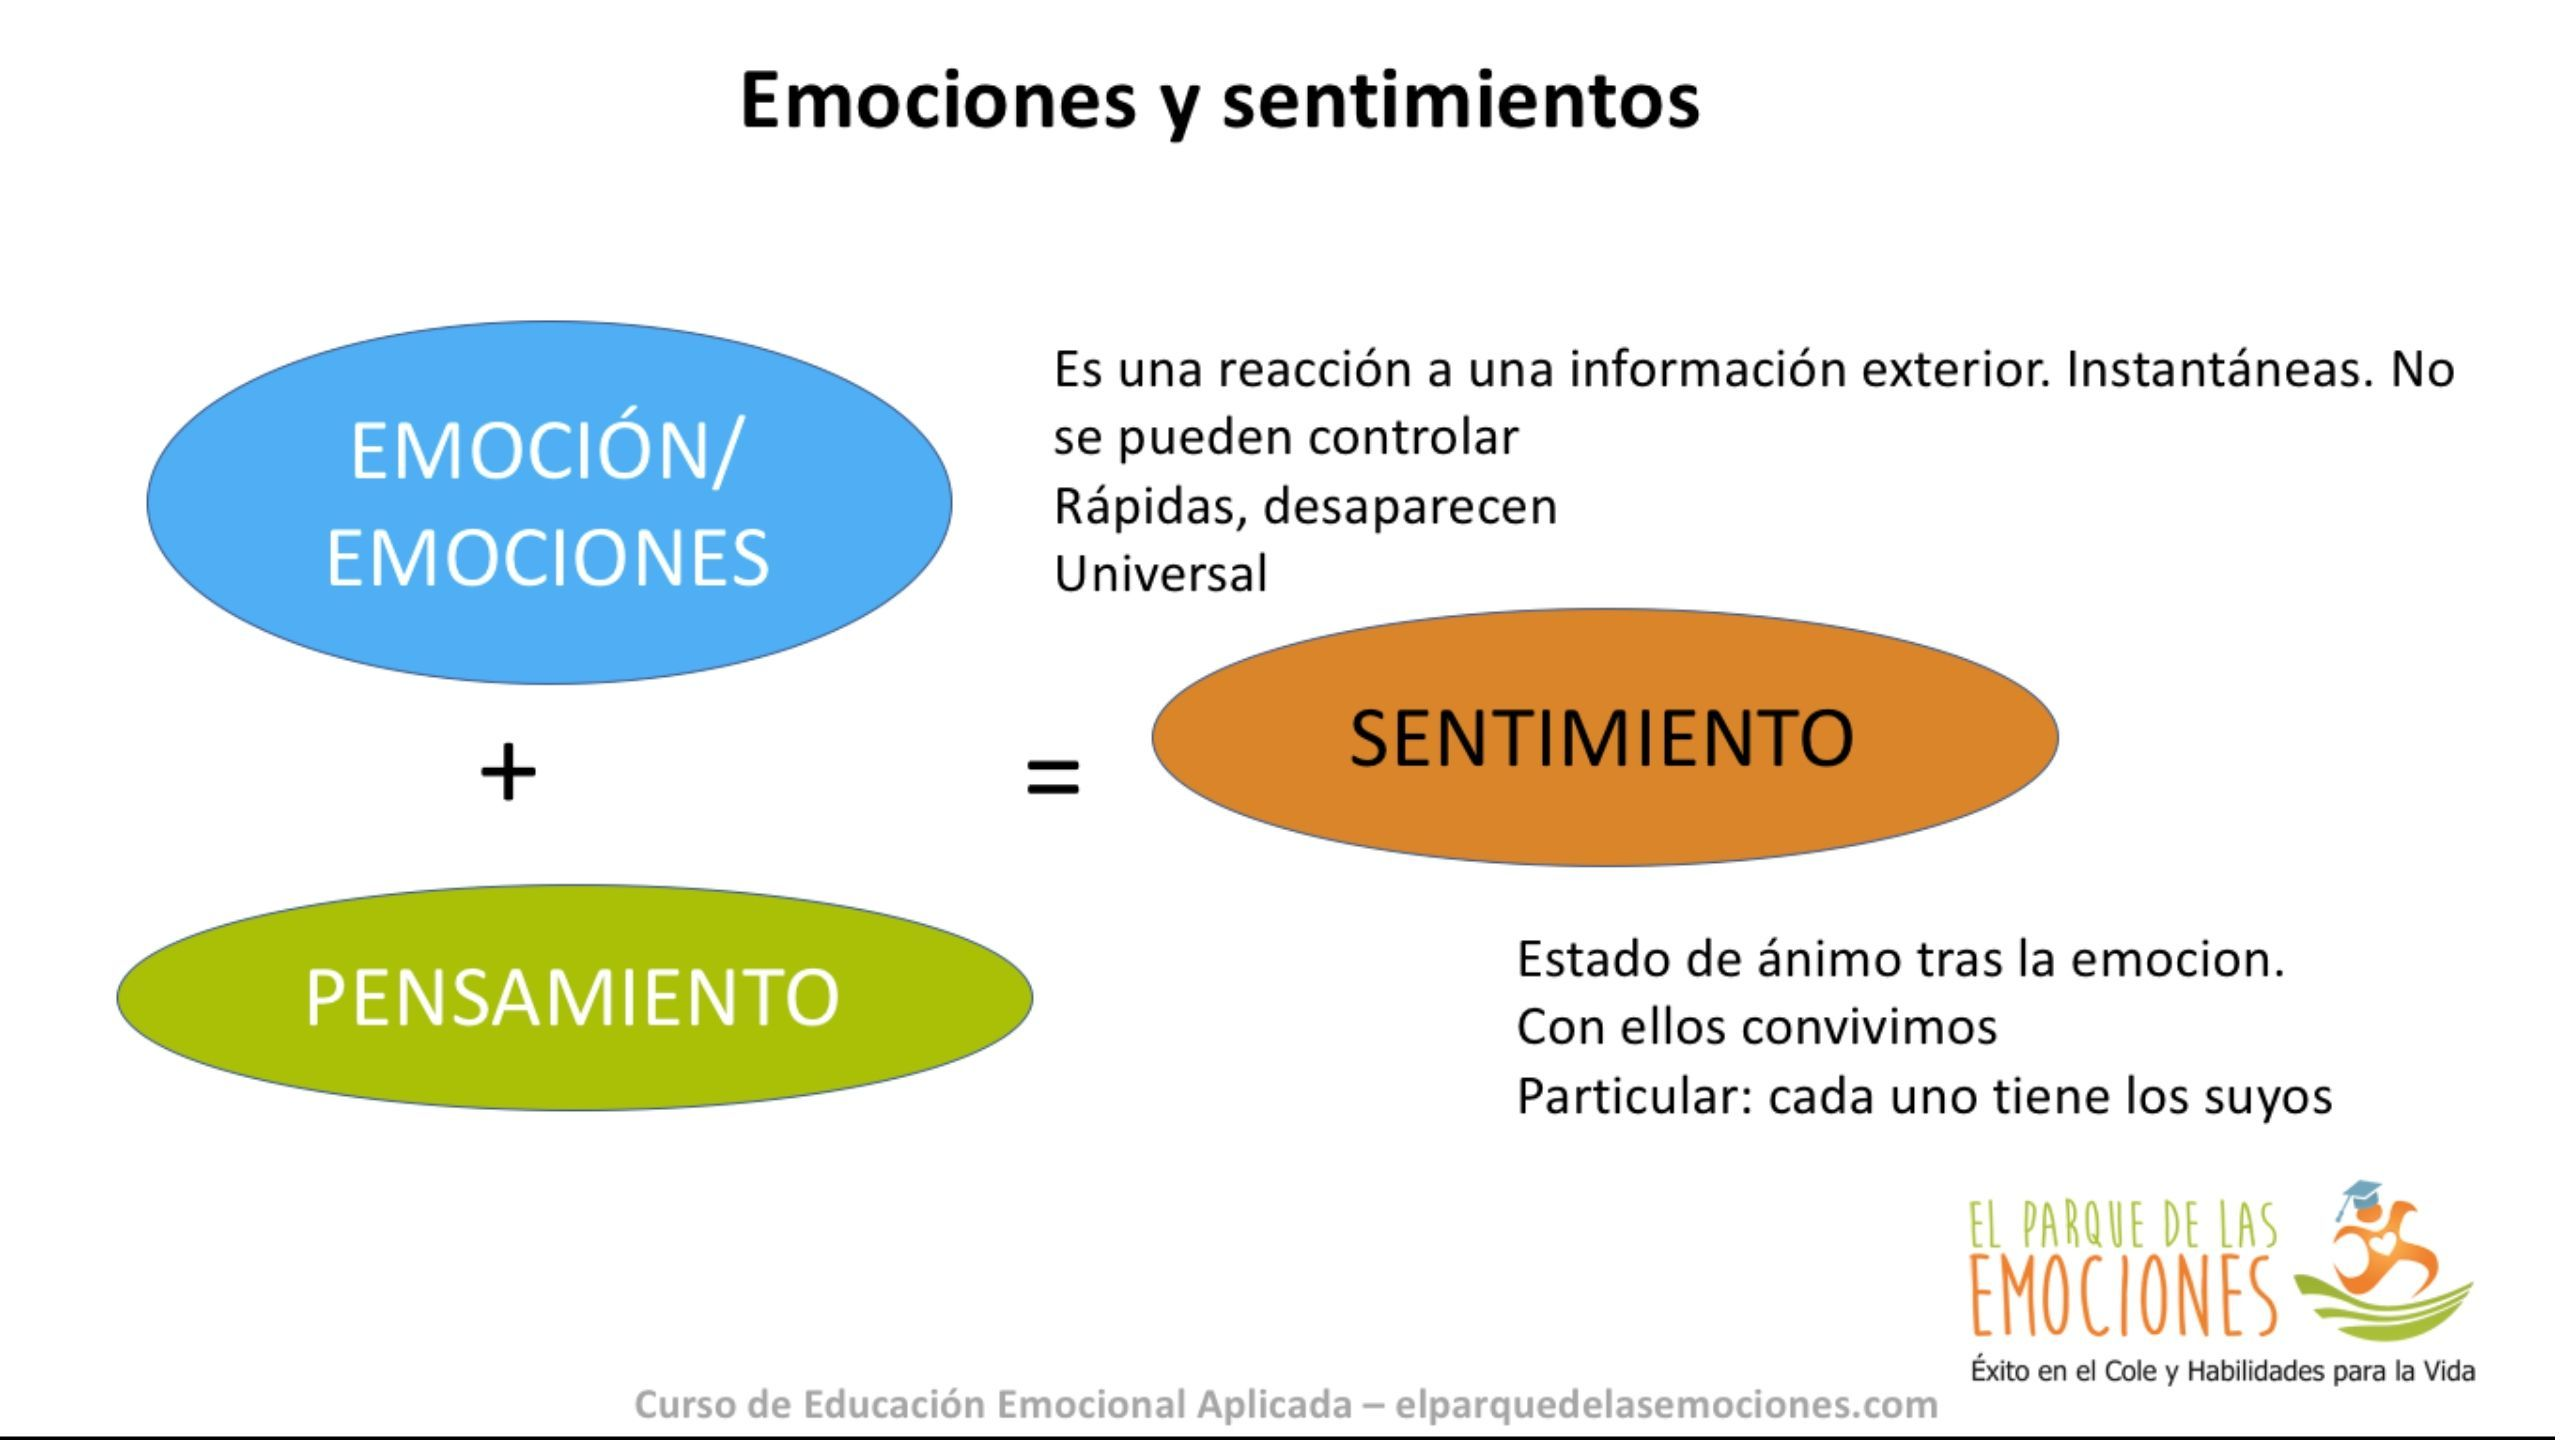 Emociones y sentimientos